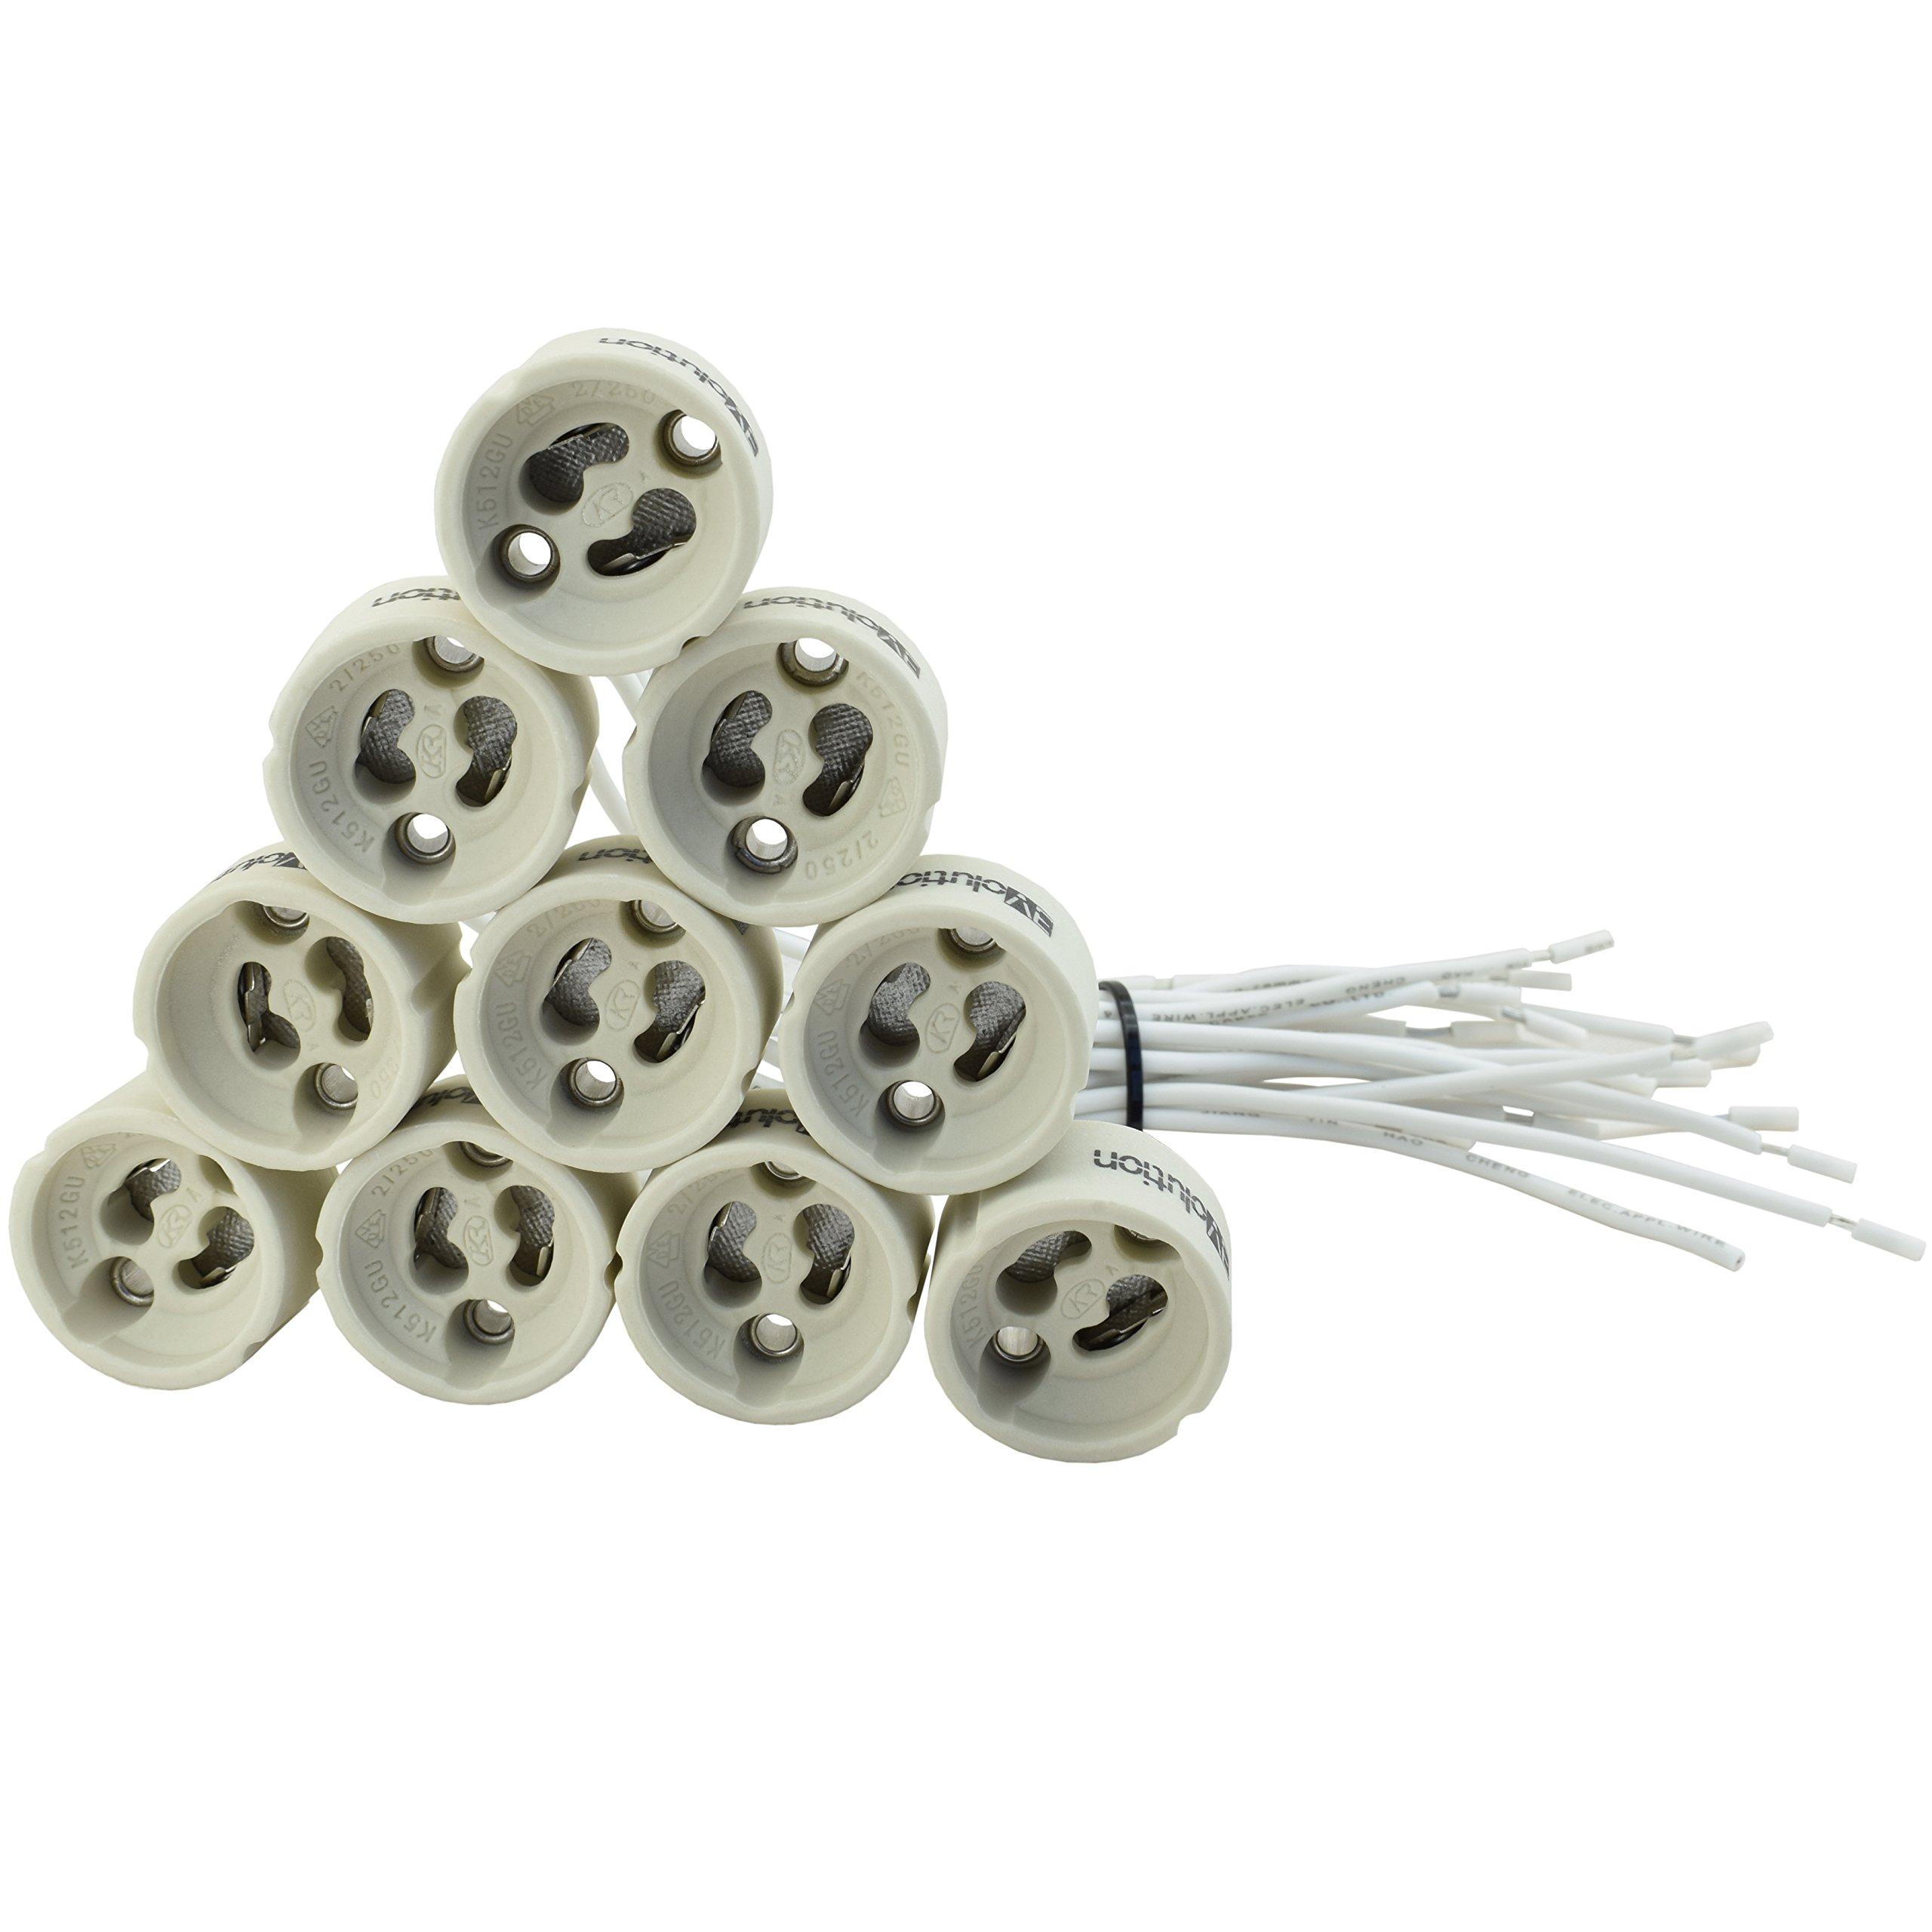 N.20 porta lampada in ceramica EVolution GU10 | Pacchetto Offerta! | 0,75mm² cavo in silicone | per